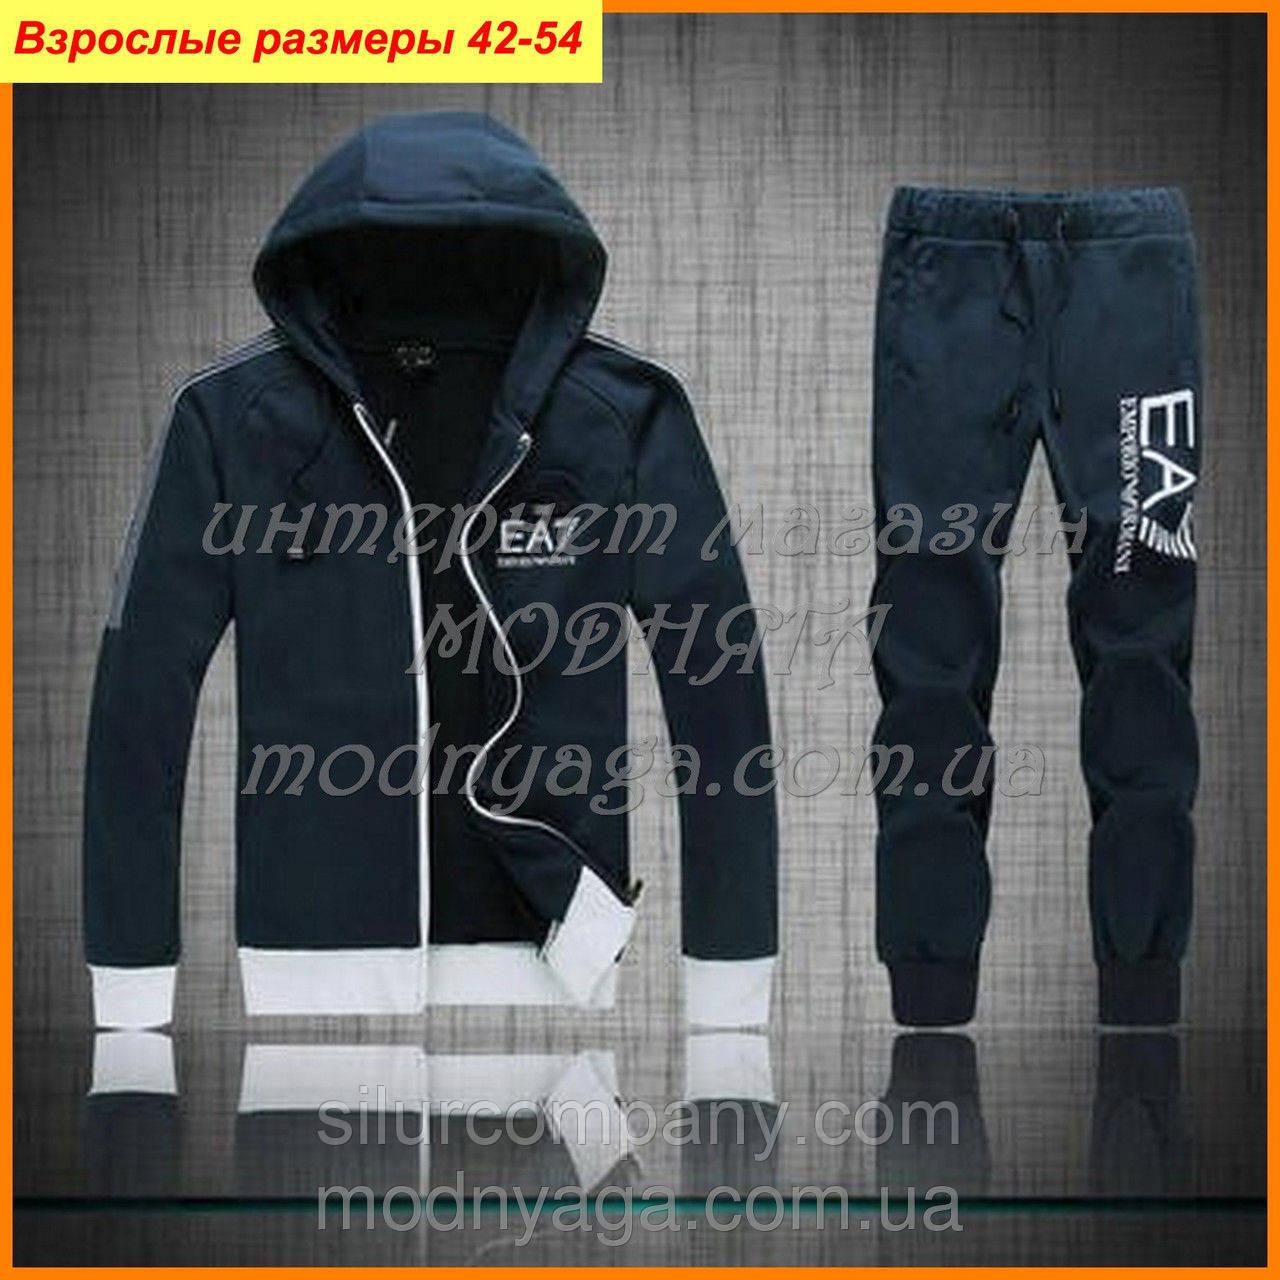 50f0aaad Спортивный костюм от armani от производителя - Интернет магазин